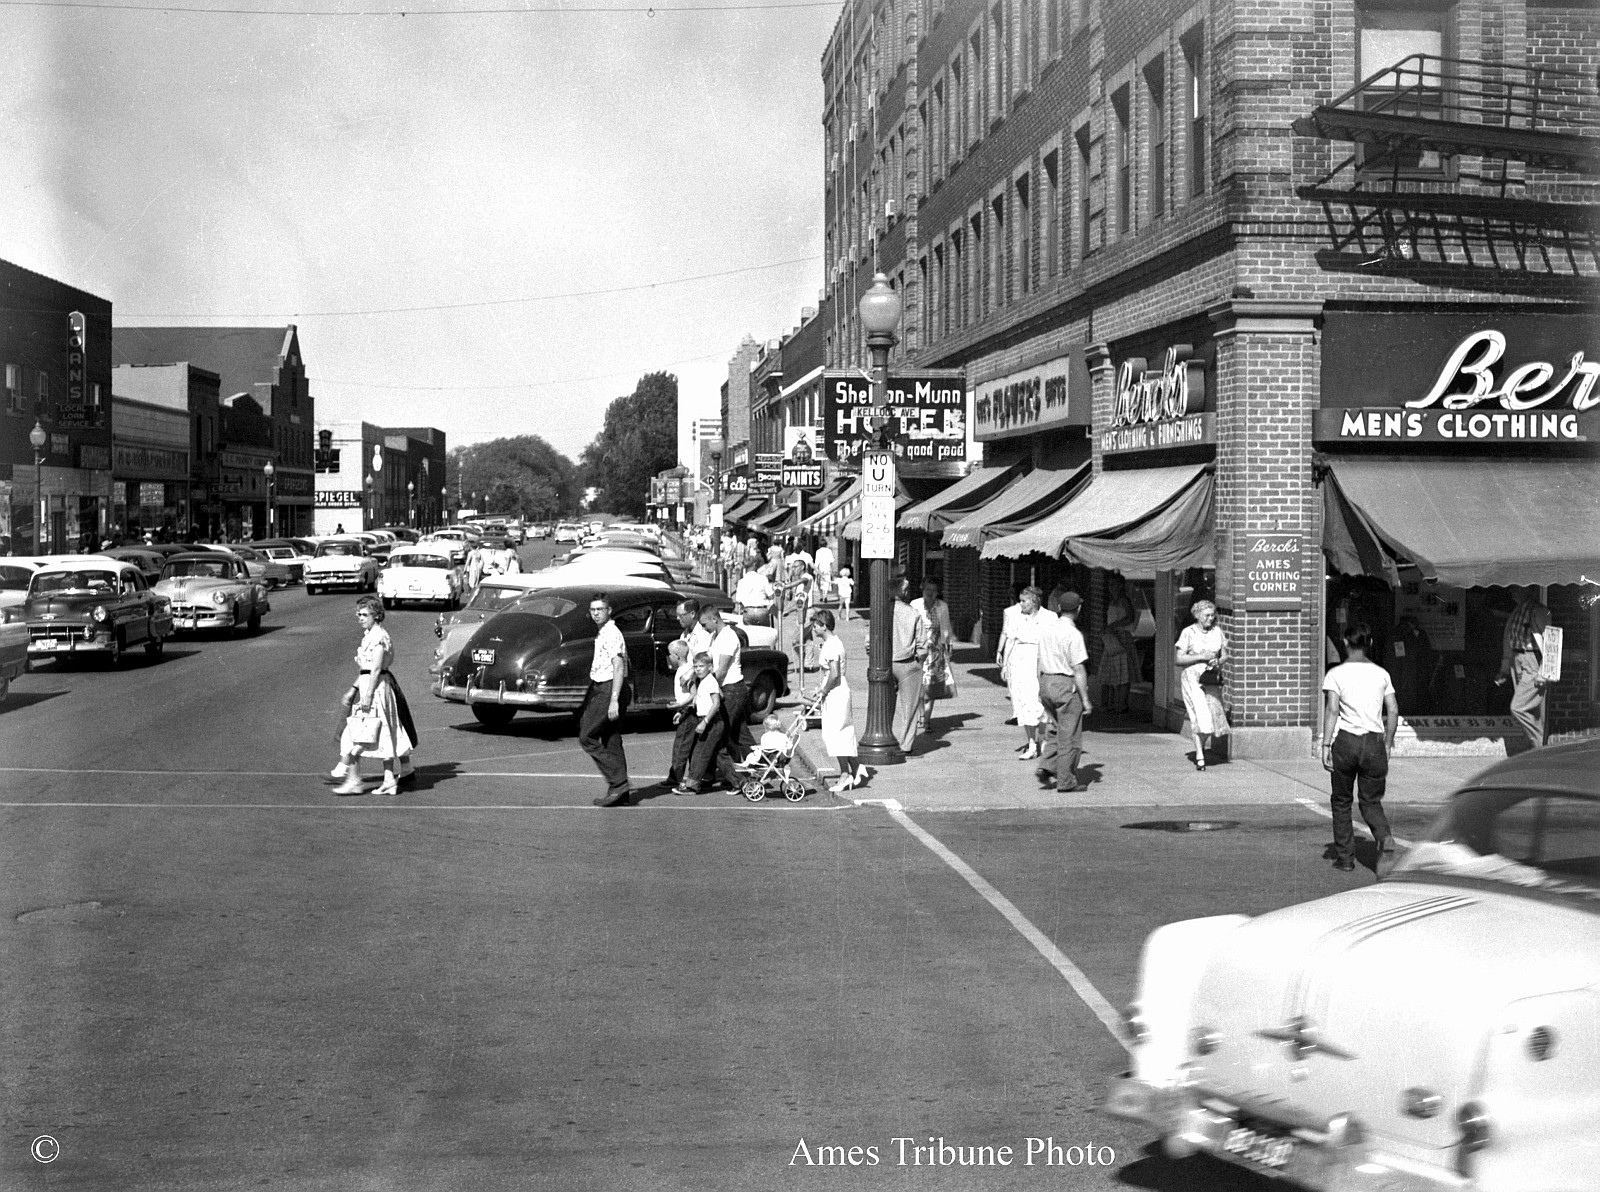 1957_sheldon_munn.jpg